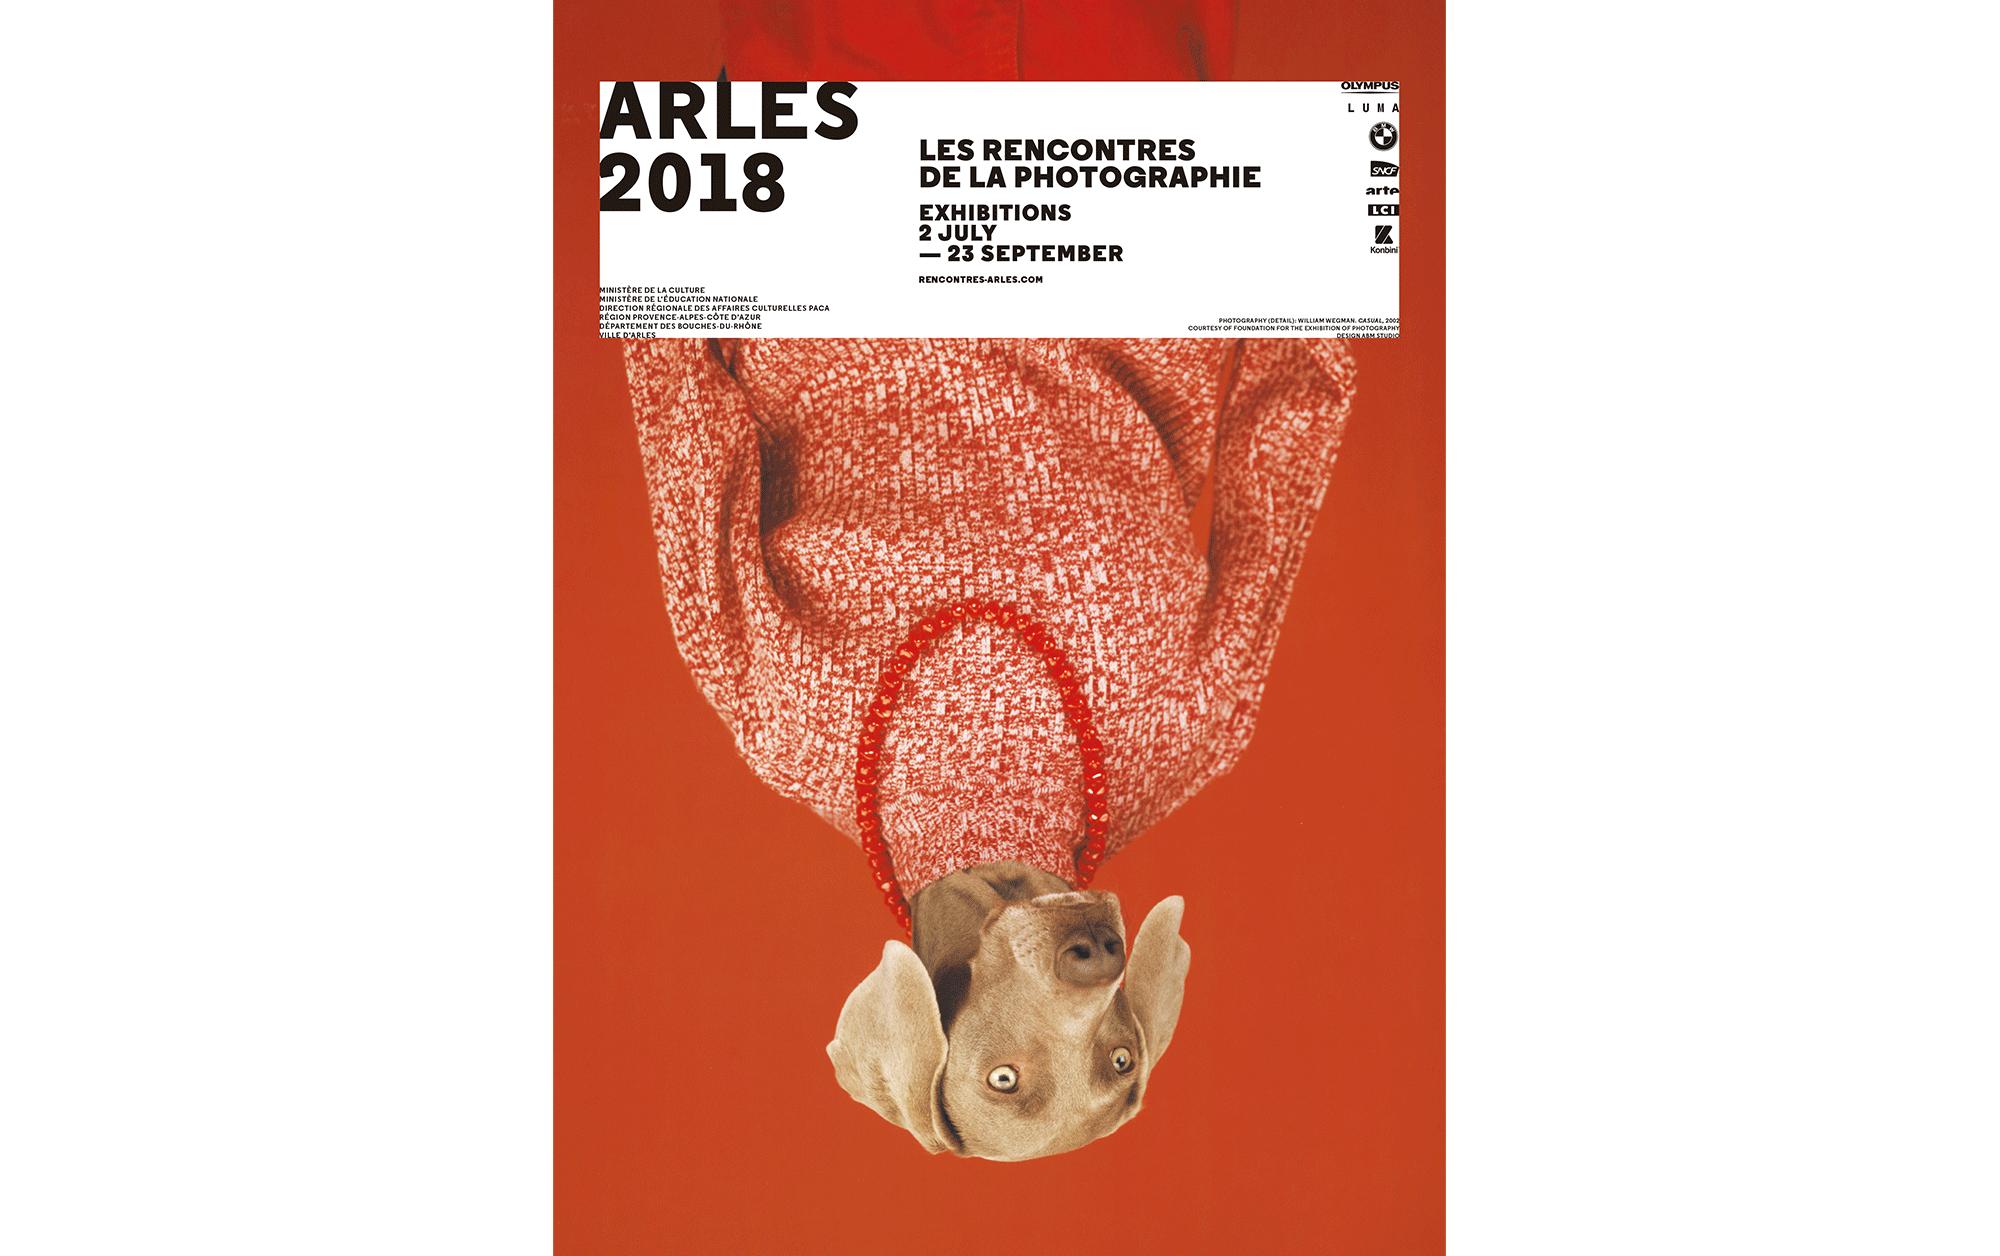 Les Rencontres d'Arles 2018